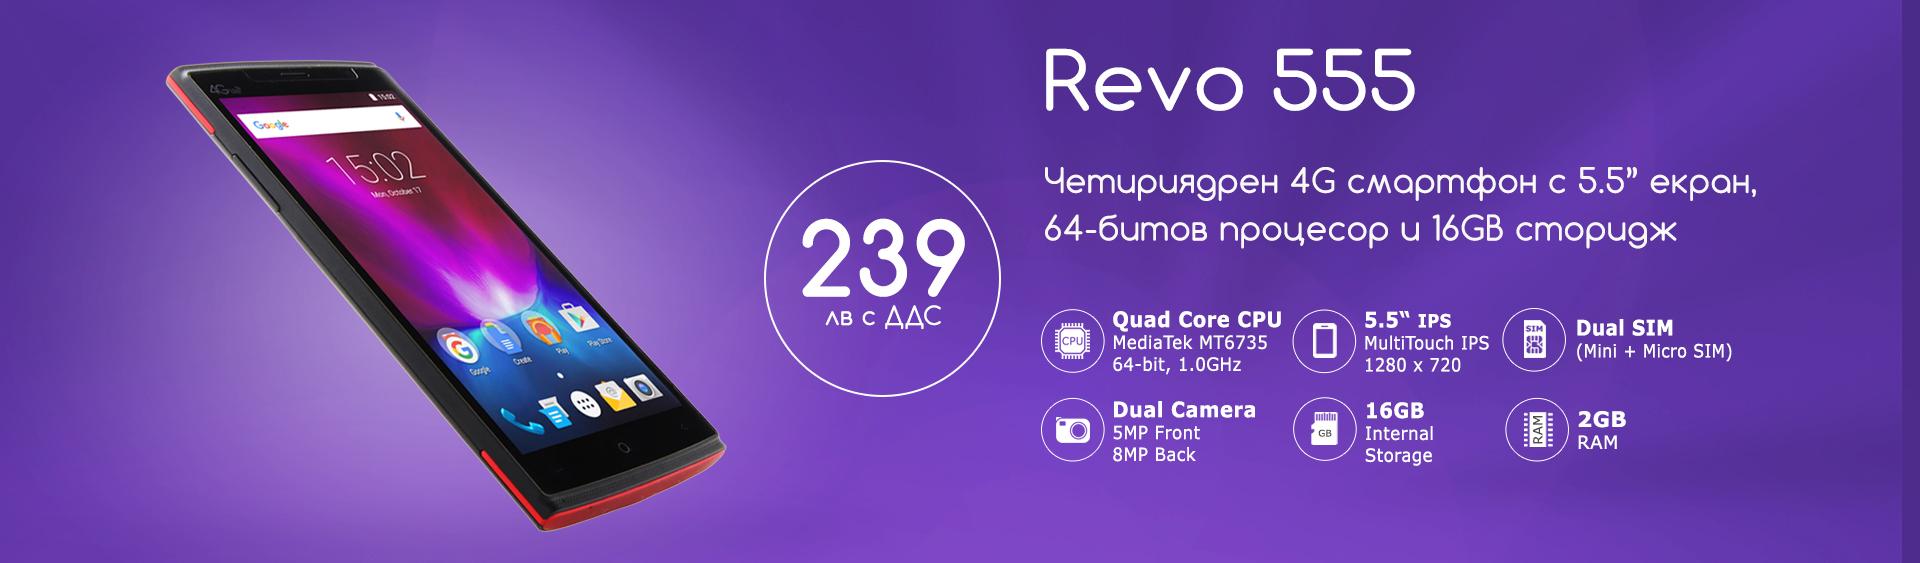 Смартфон Revo 555